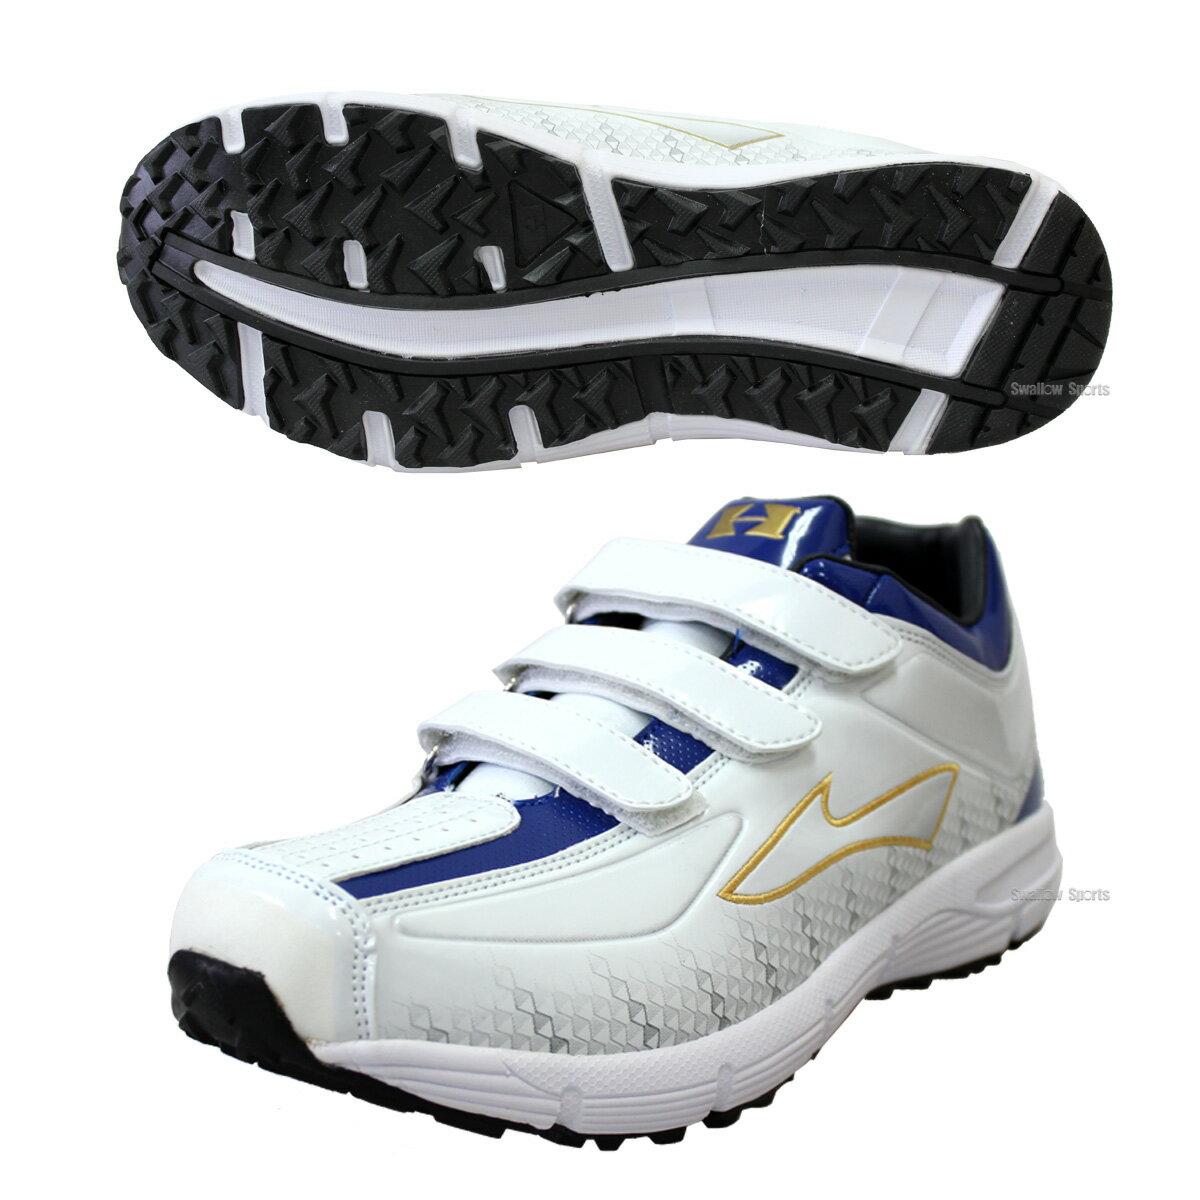 ハイゴールド トレーニング シューズ PU-801RNY 靴 野球用品 スワロースポーツ